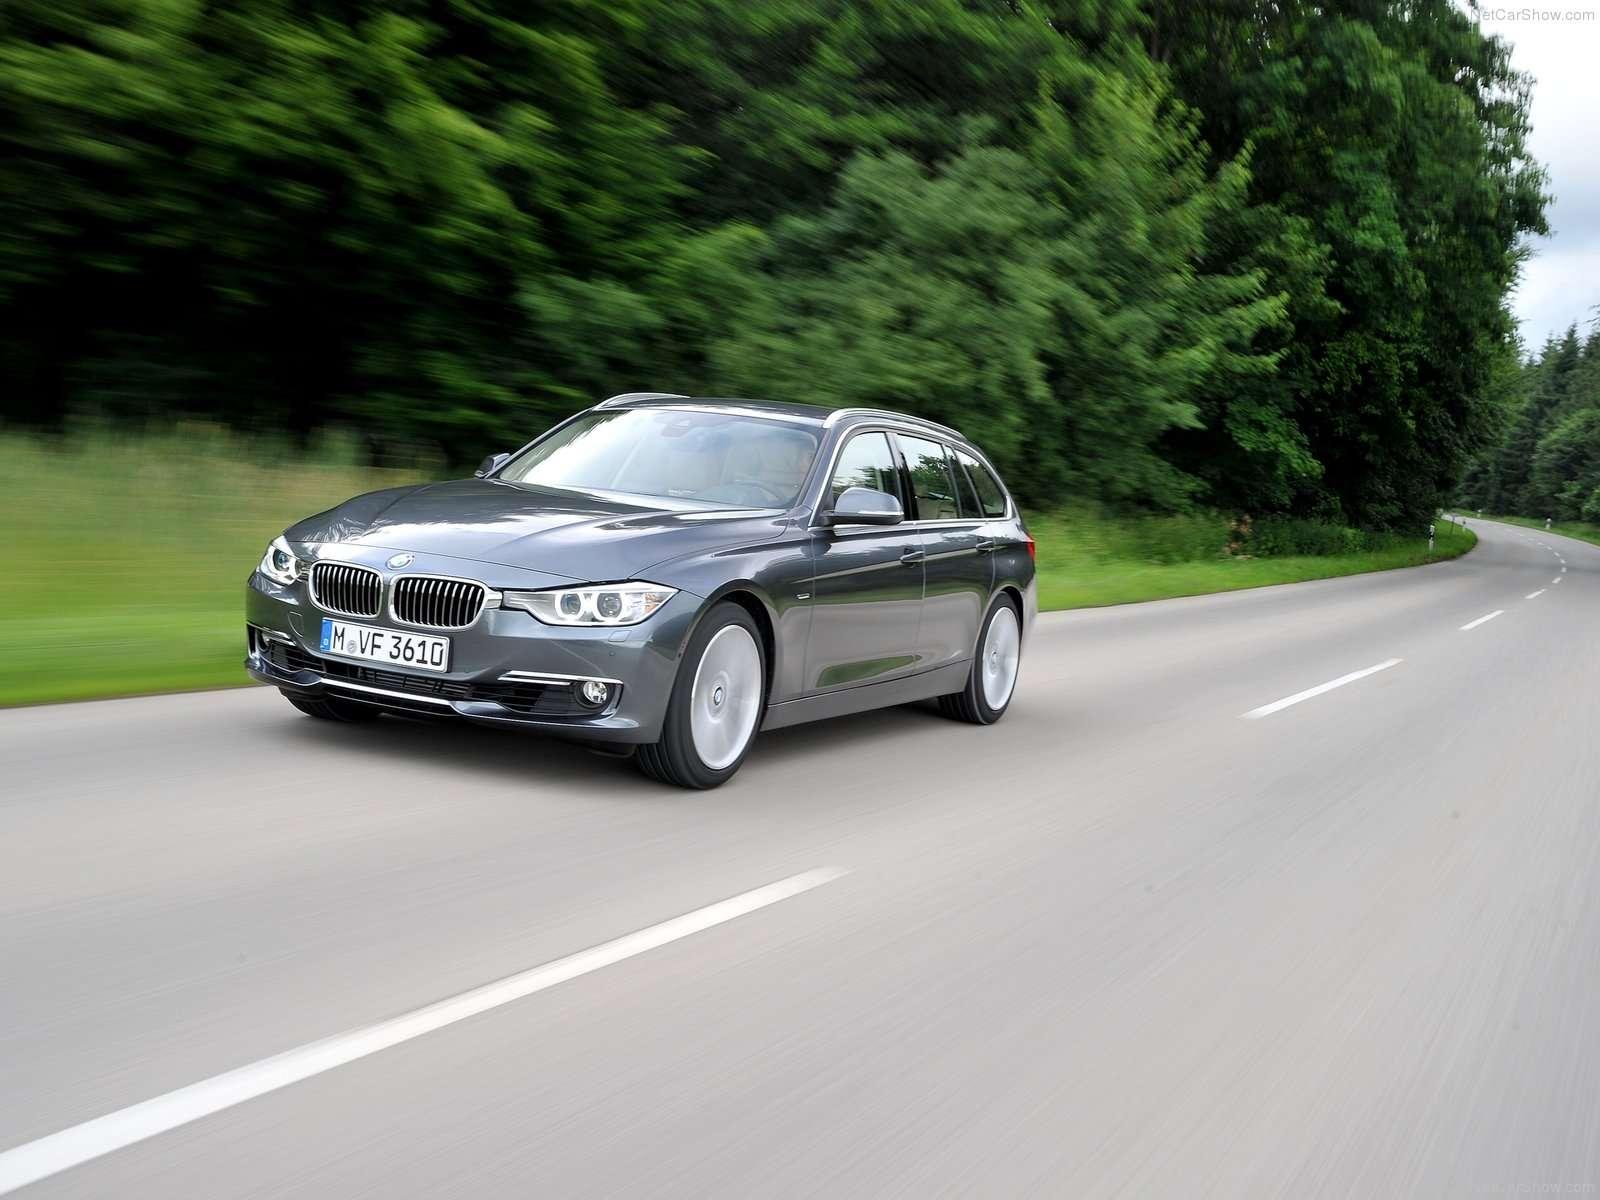 BMW 3 Series Wallpaper 022